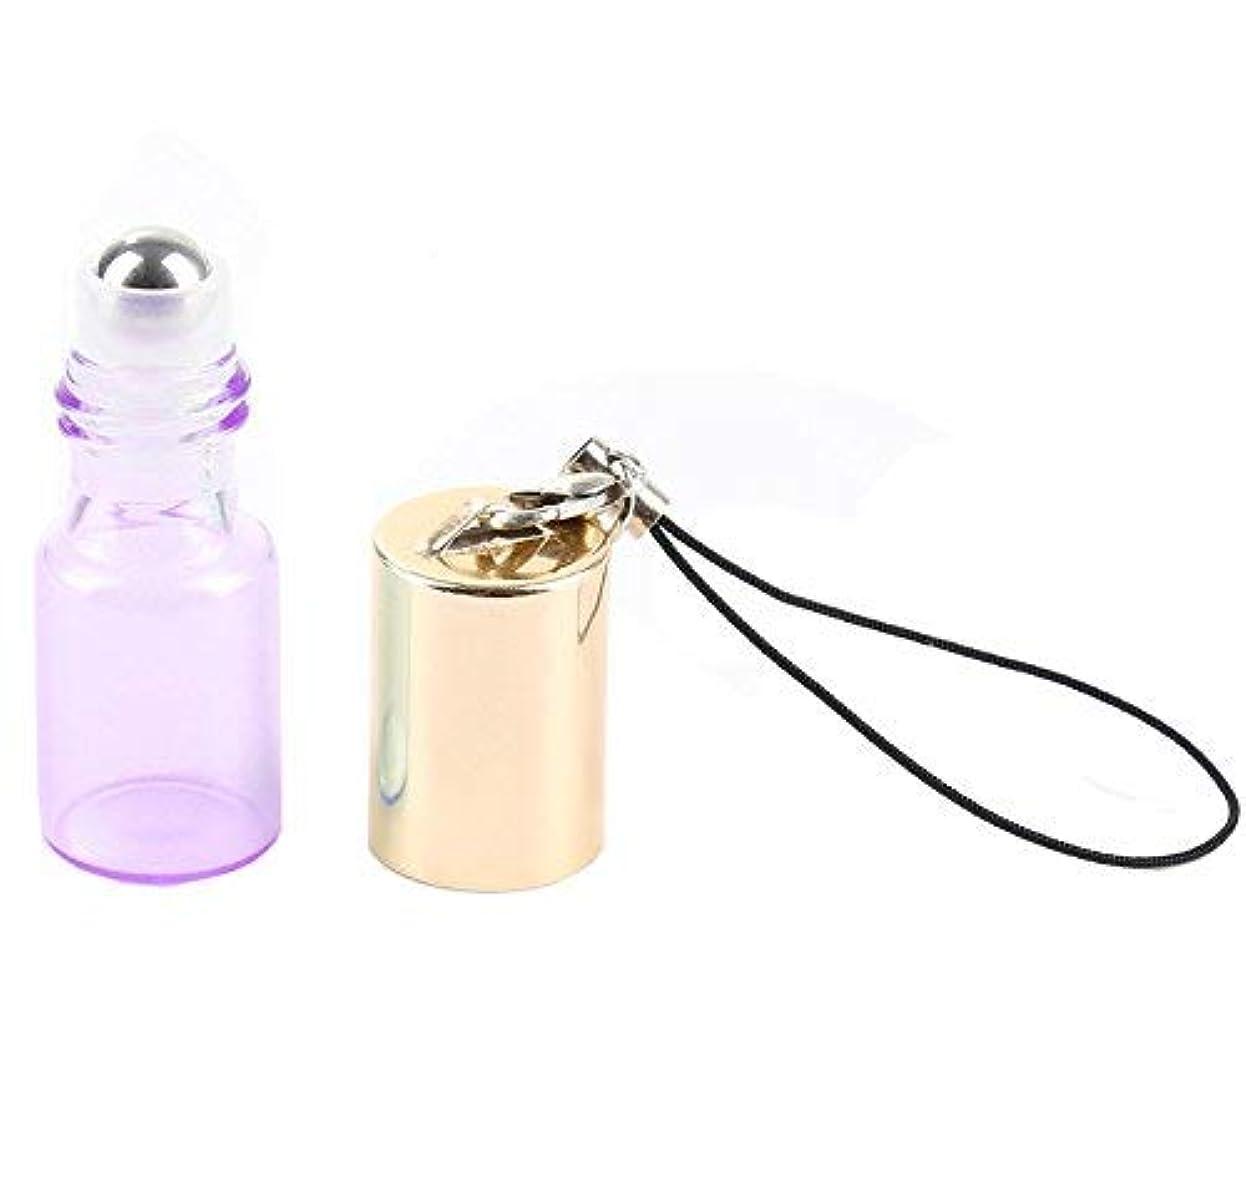 通り疼痛女将Empty Roller Bottles - Pack of 12 3ml Pearl Colored Glass Roll-on Bottles for Essential Oil Container with Golden Hanging Lids and 1Pc 3ml Droppers Included (Purple) [並行輸入品]